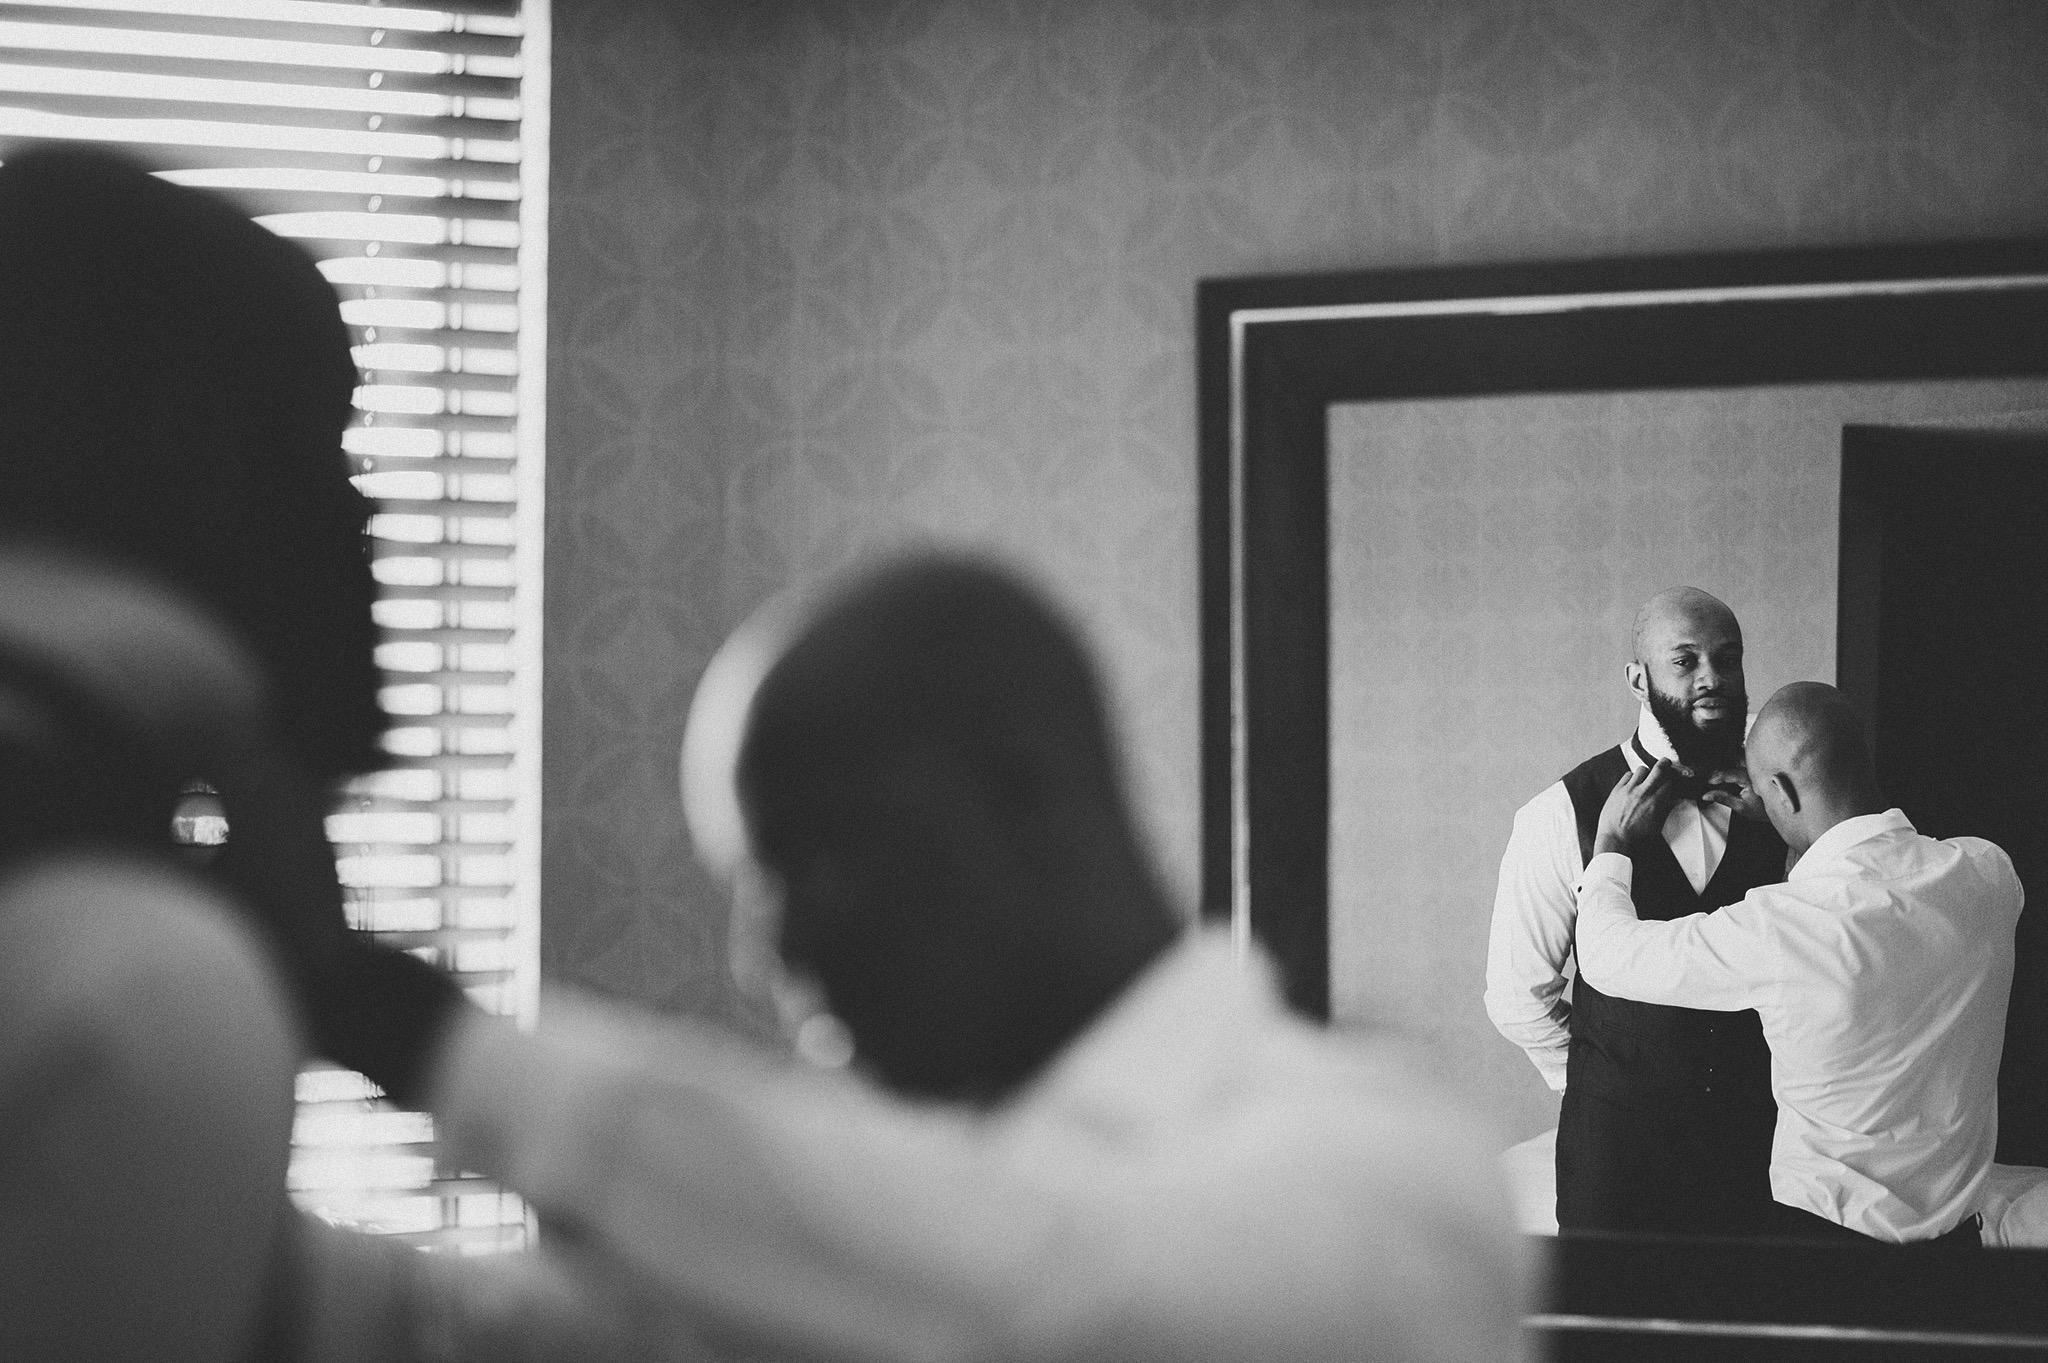 07-bestman-helping-groom.jpg